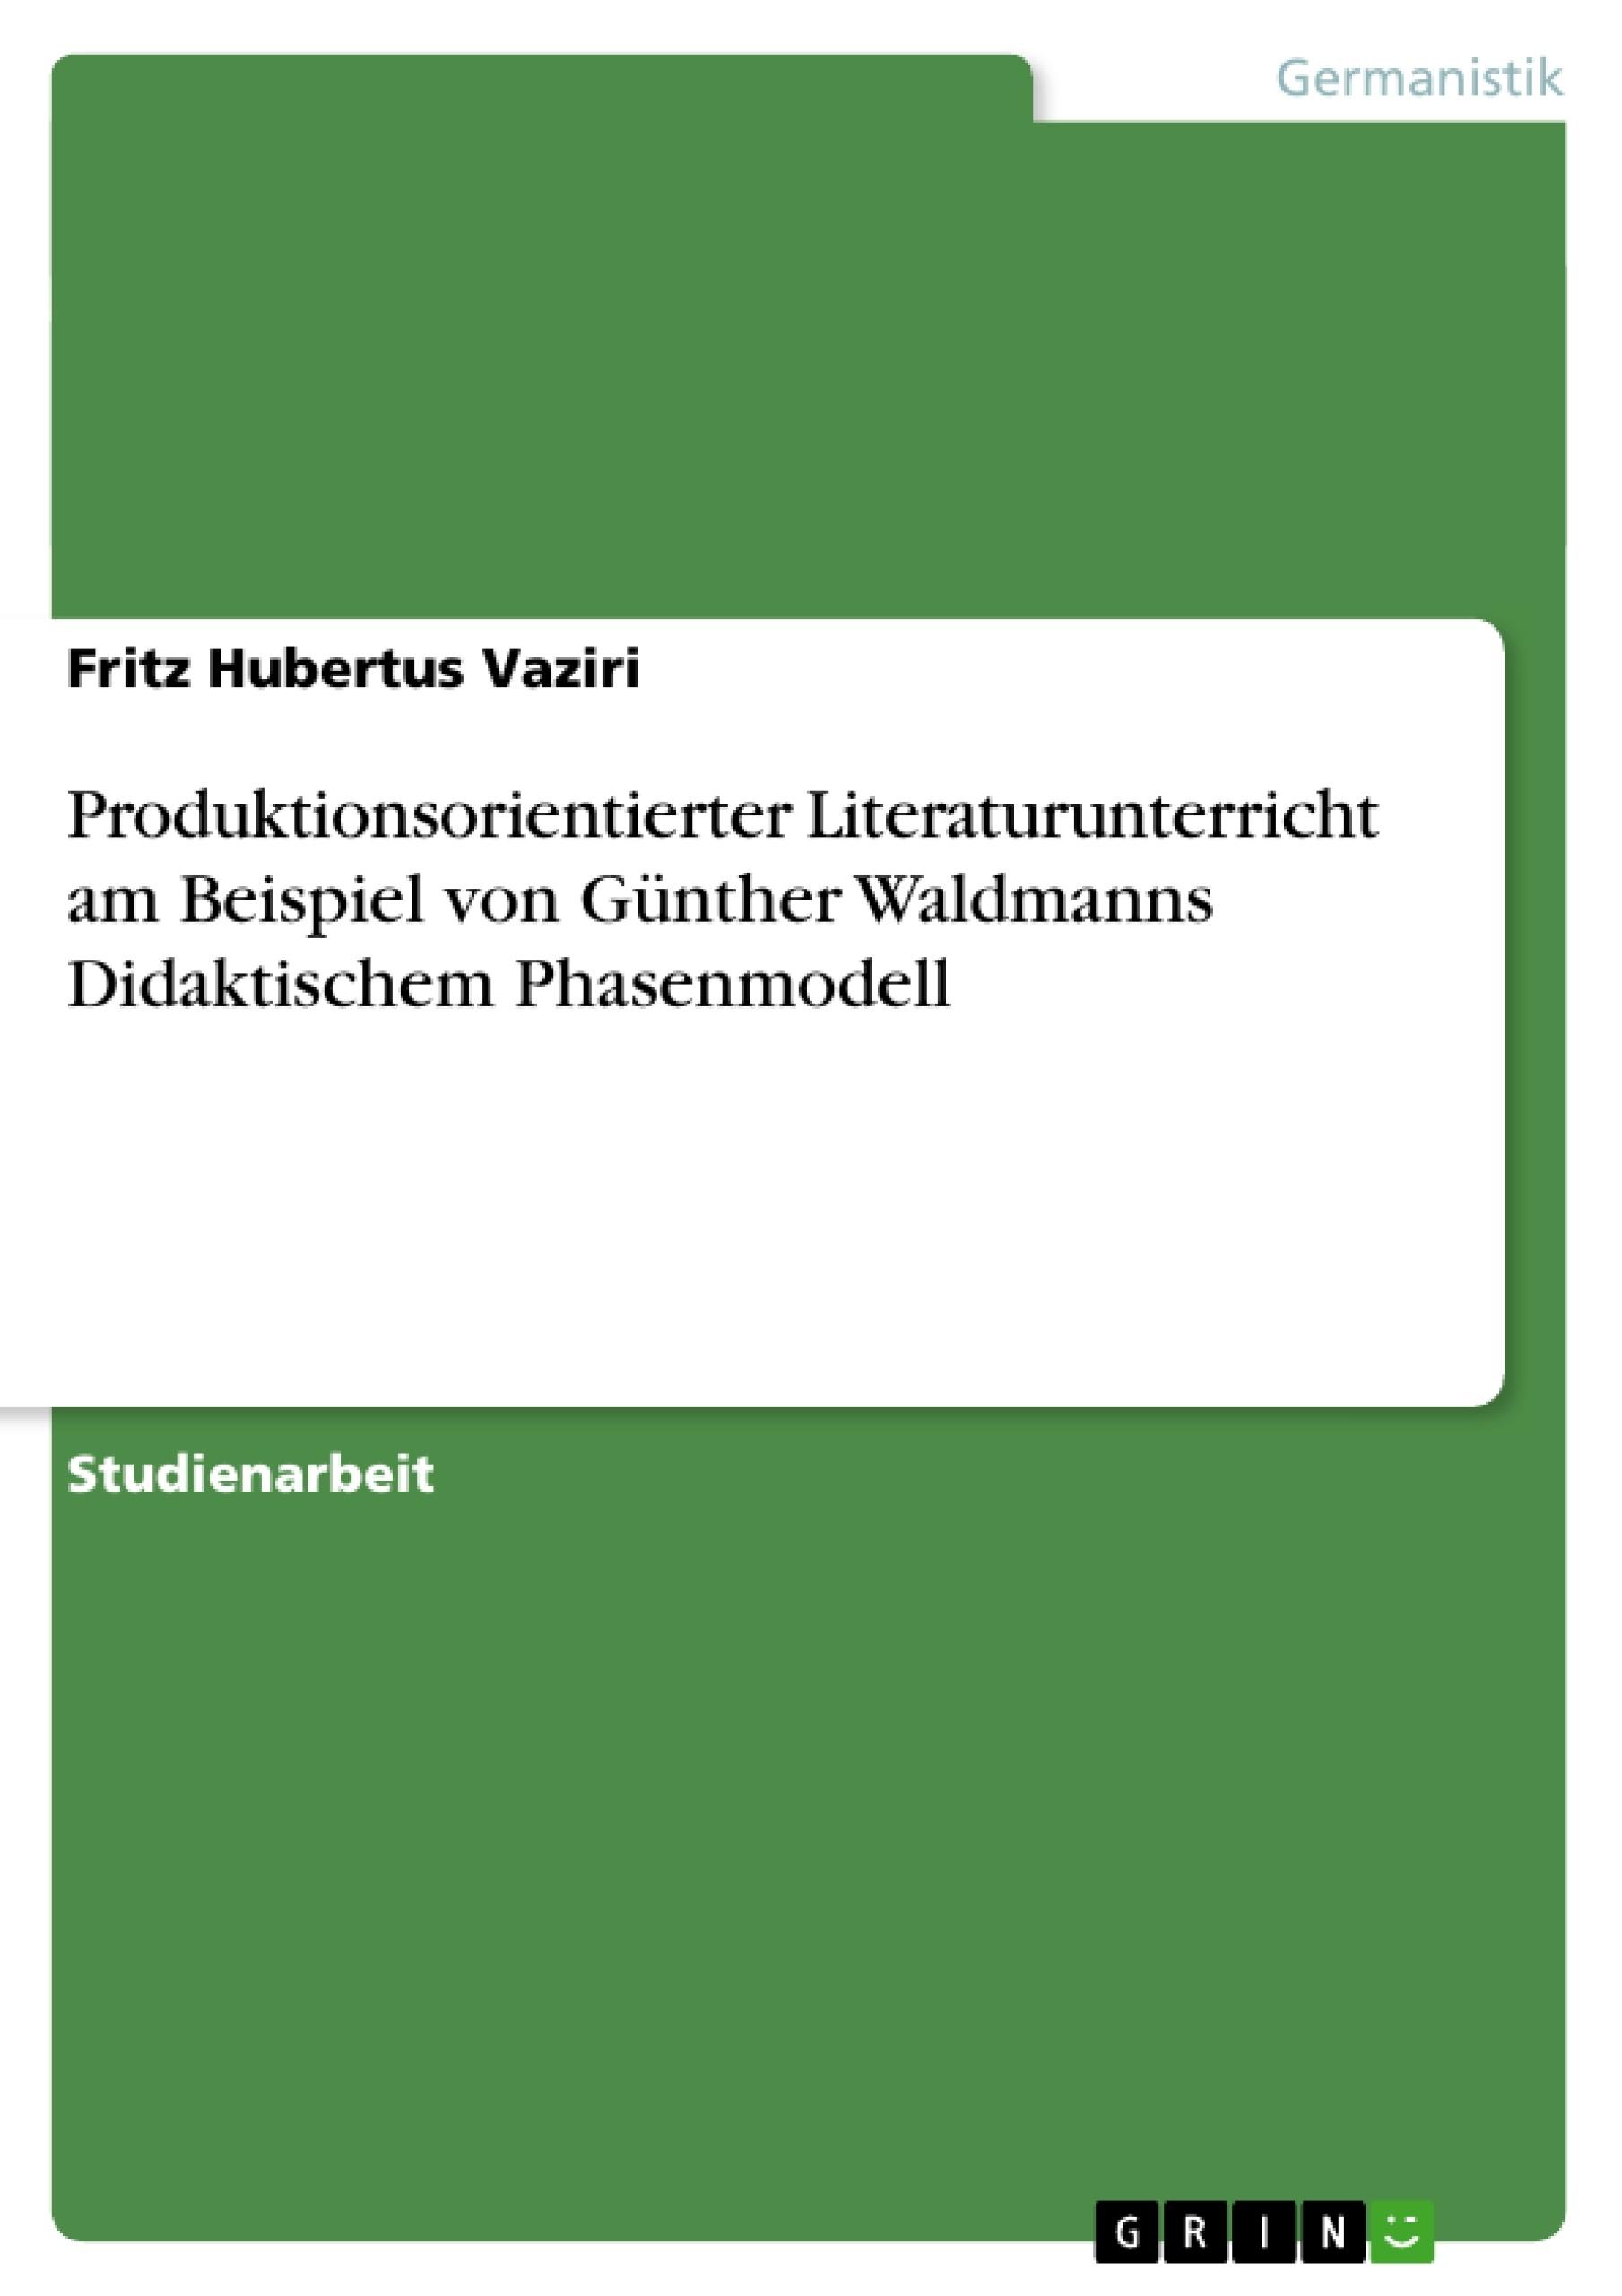 Titel: Produktionsorientierter Literaturunterricht am Beispiel von Günther Waldmanns Didaktischem Phasenmodell